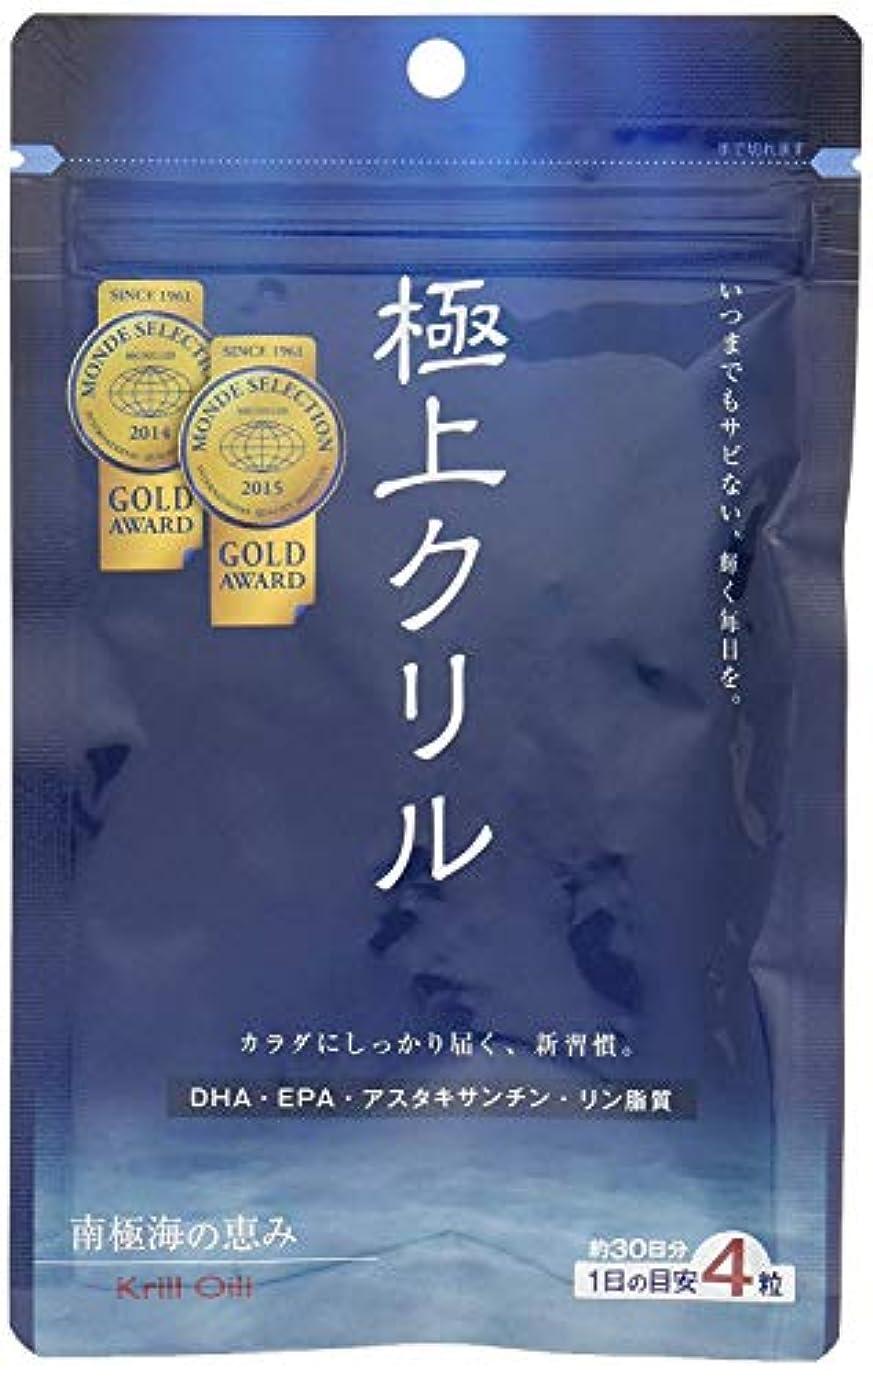 ハリウッド製油所洞察力のある極上クリル120粒 100%クリルオイル (約1ヶ月分) 日本製×3袋セット